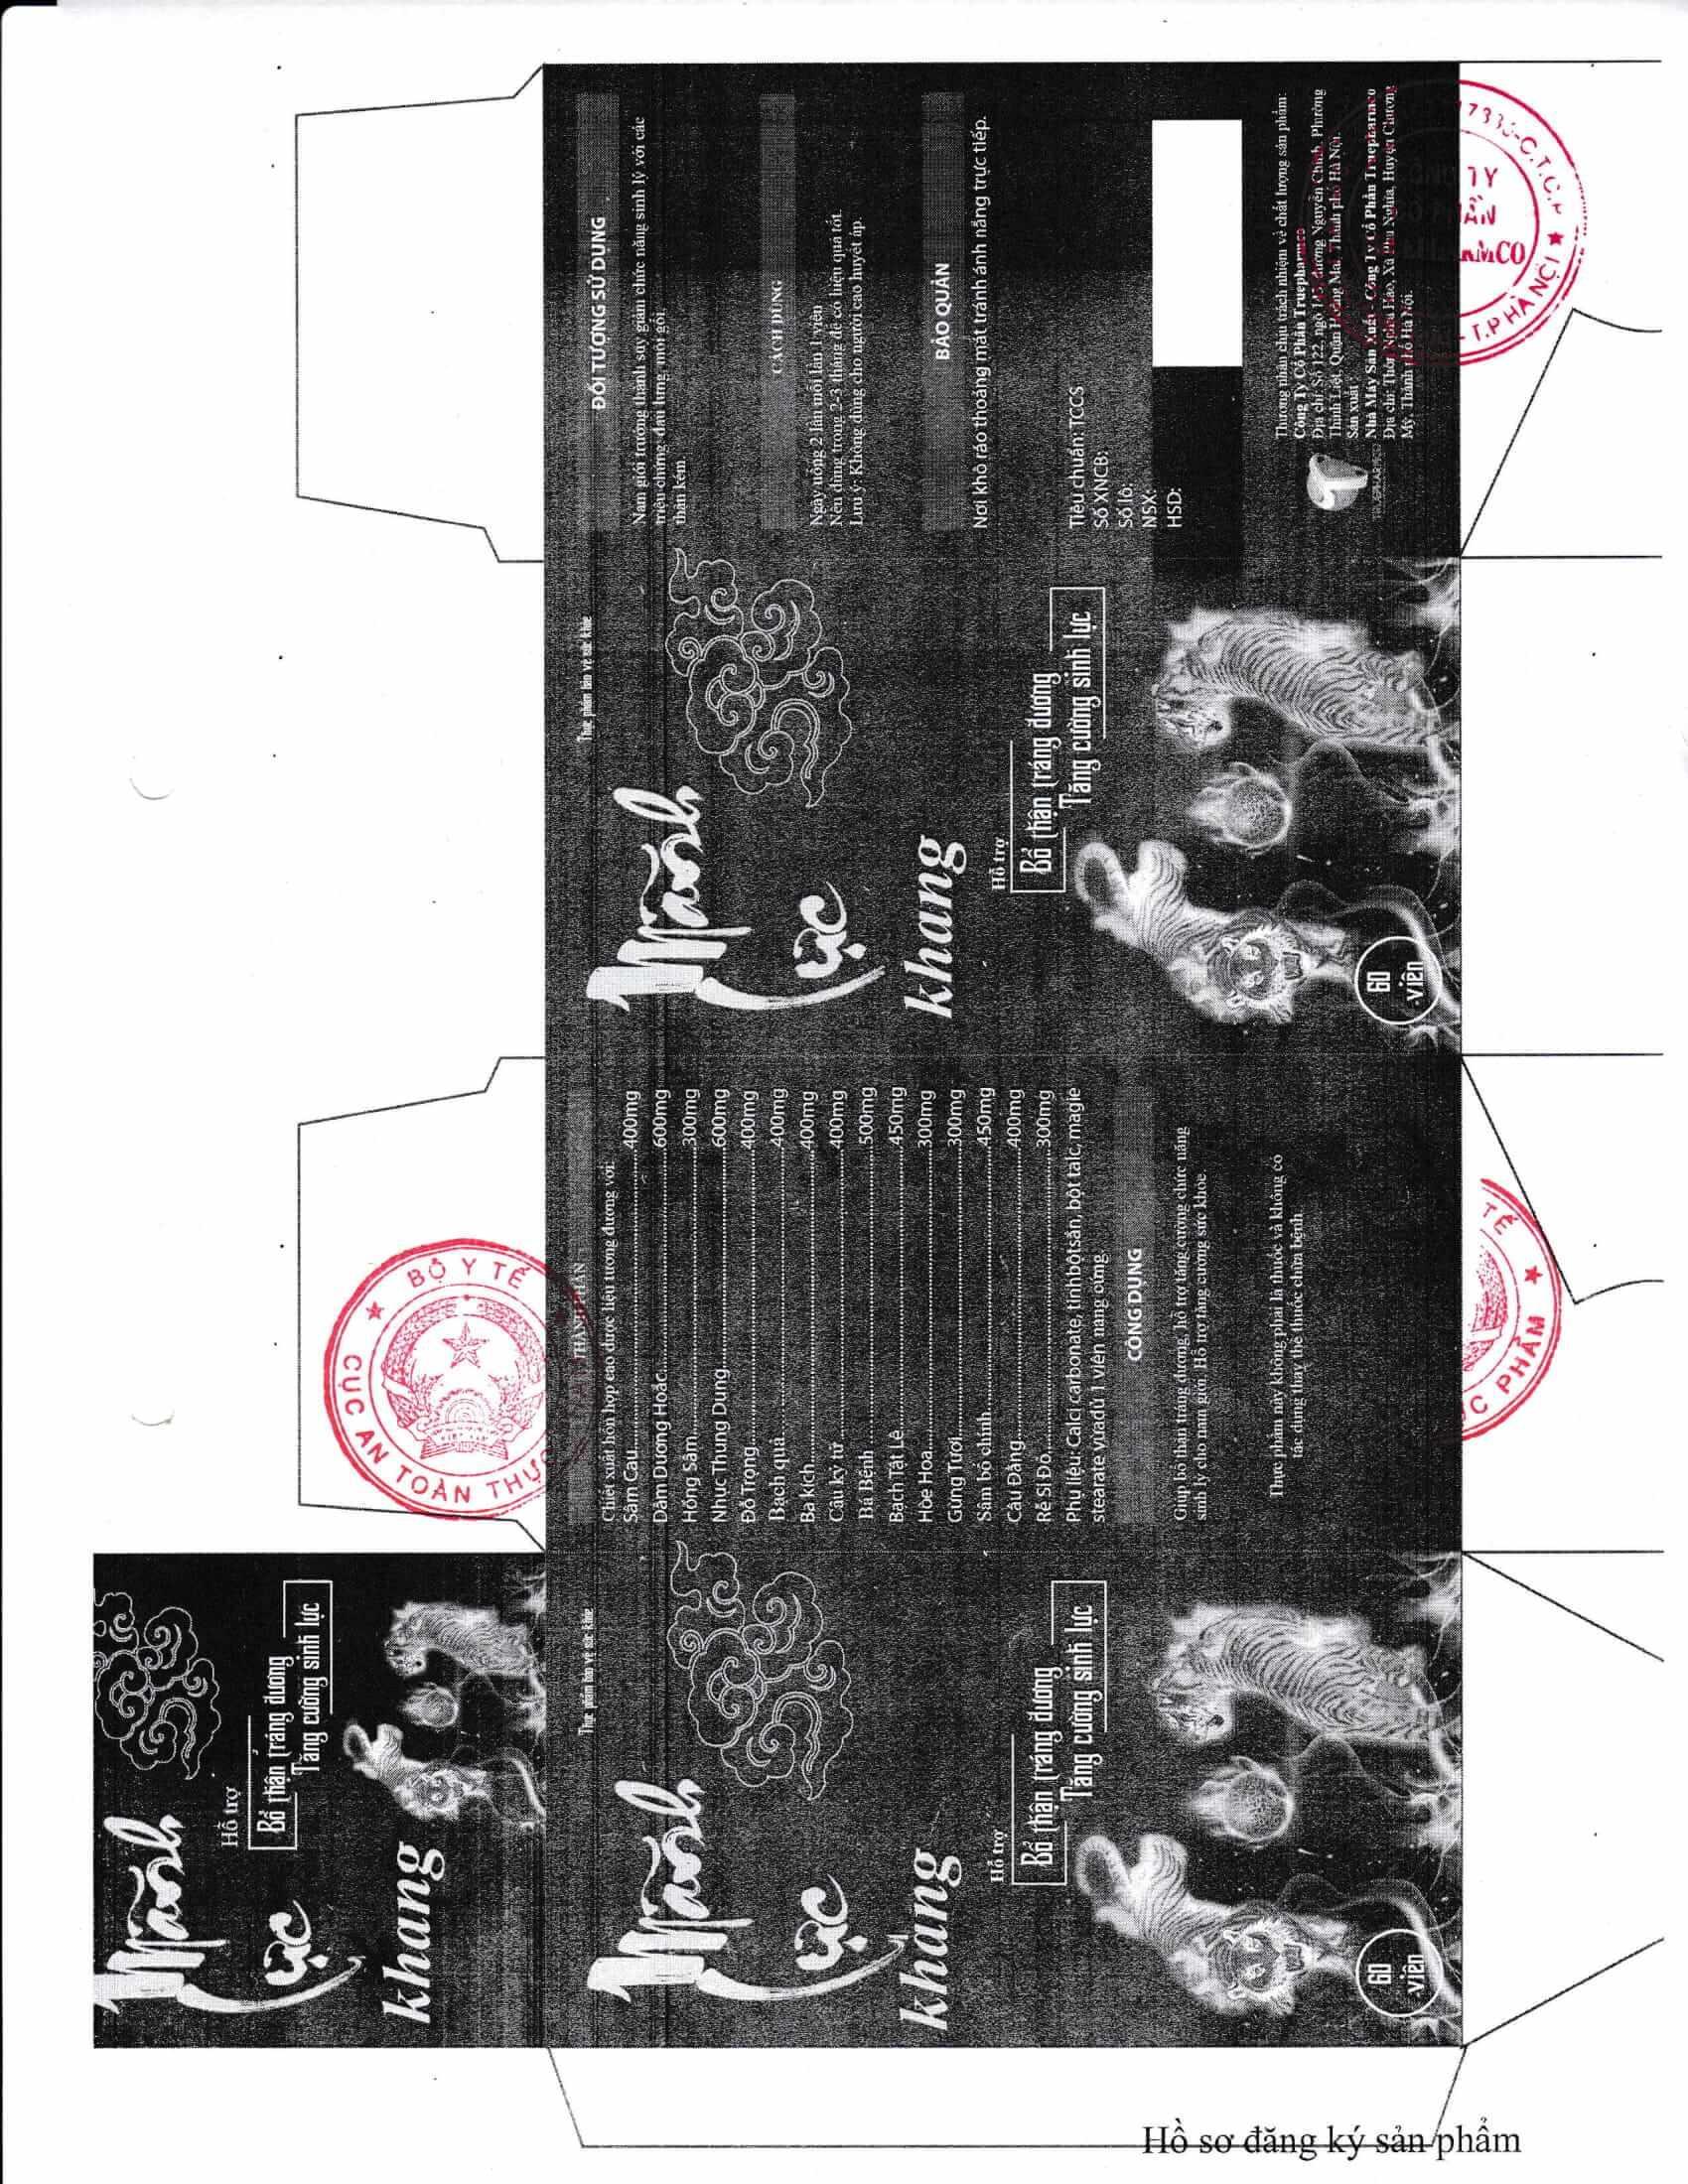 ngac-nhien-manh-luc-khang-co-tot-khong-mua-o-dau-gia-bao-nhieu-5